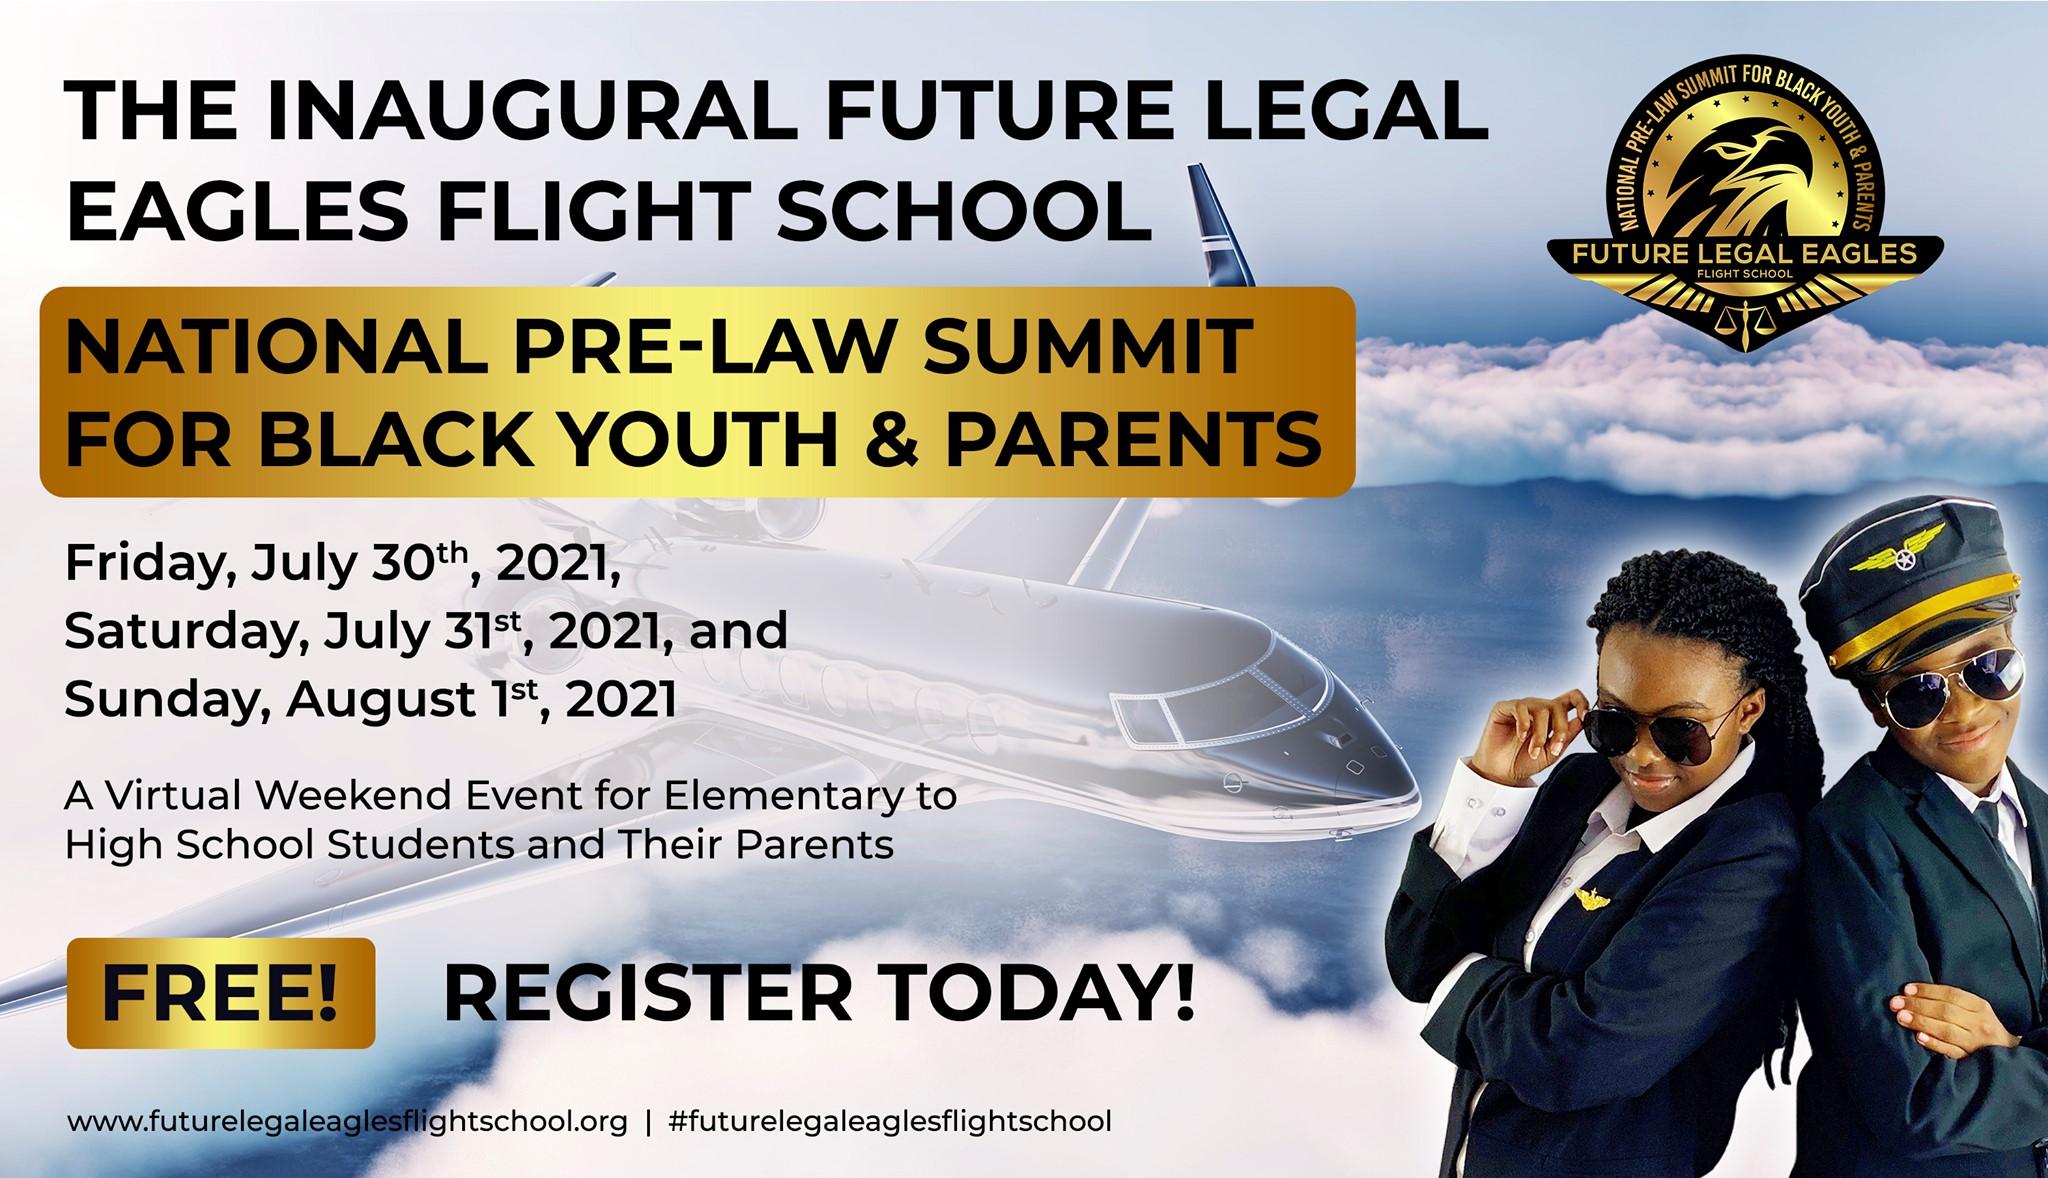 Future Legal Eagles Flight School Official Flyer